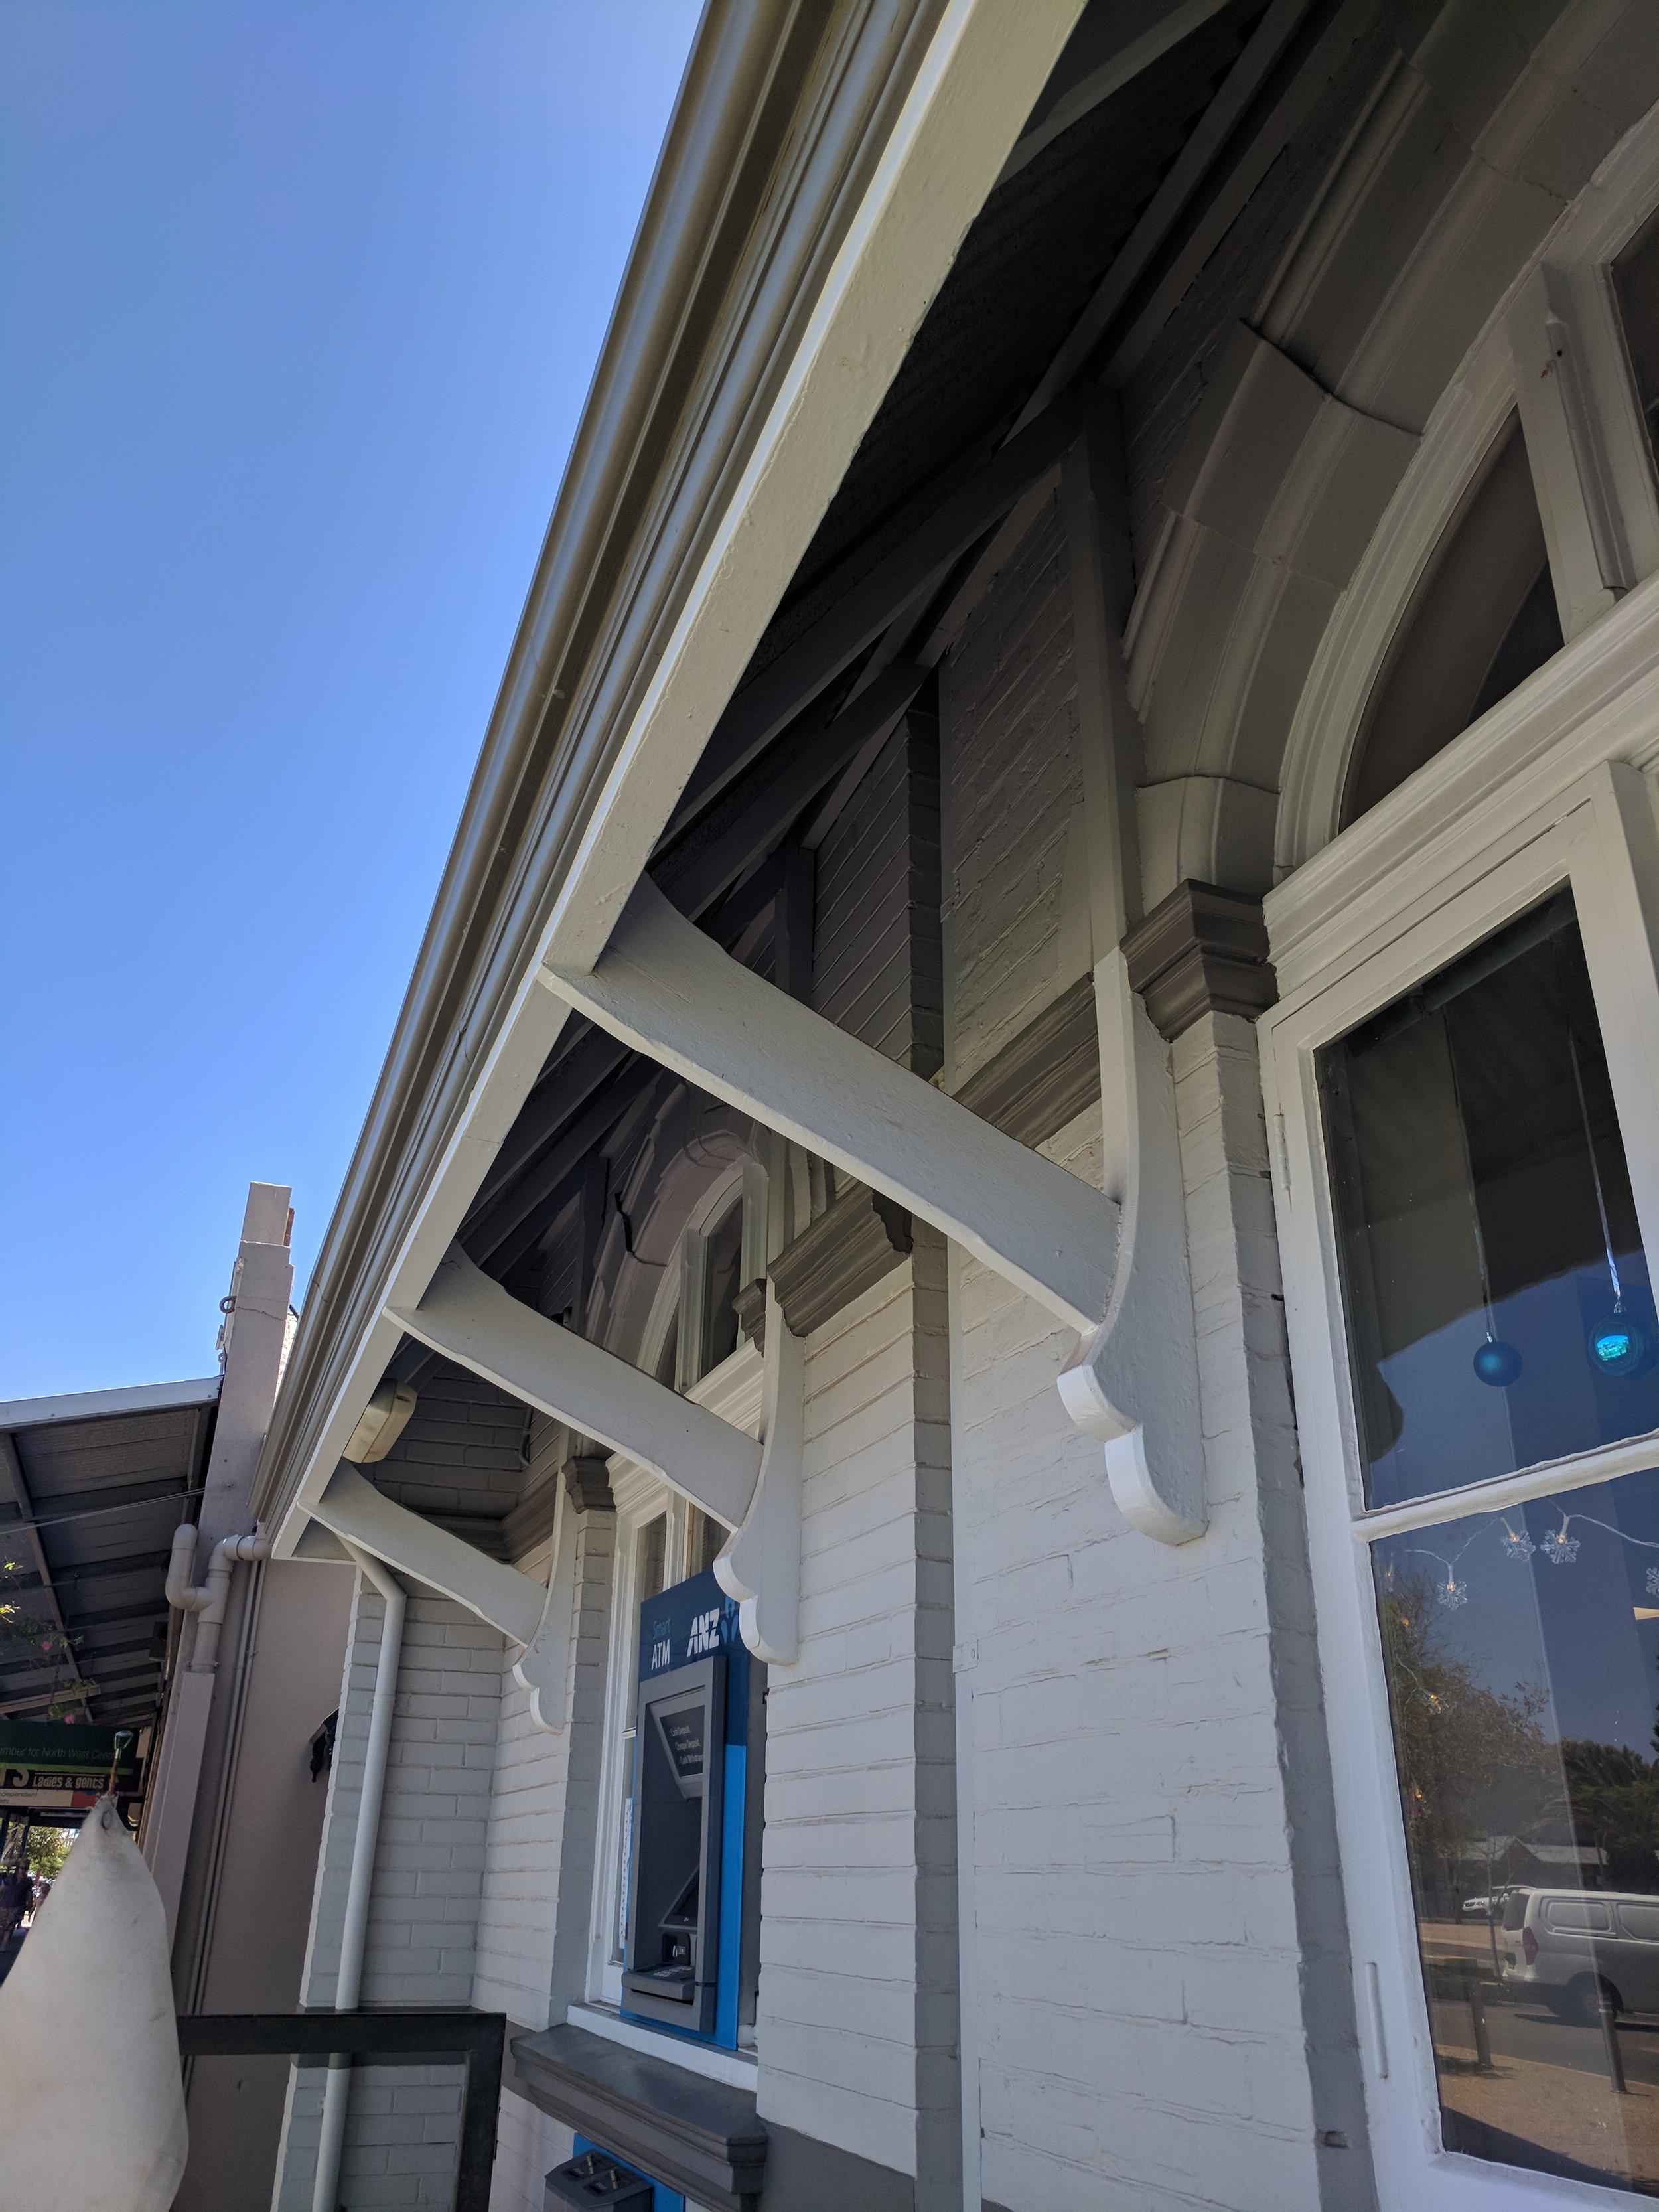 beautiful ANZ bank awning supports